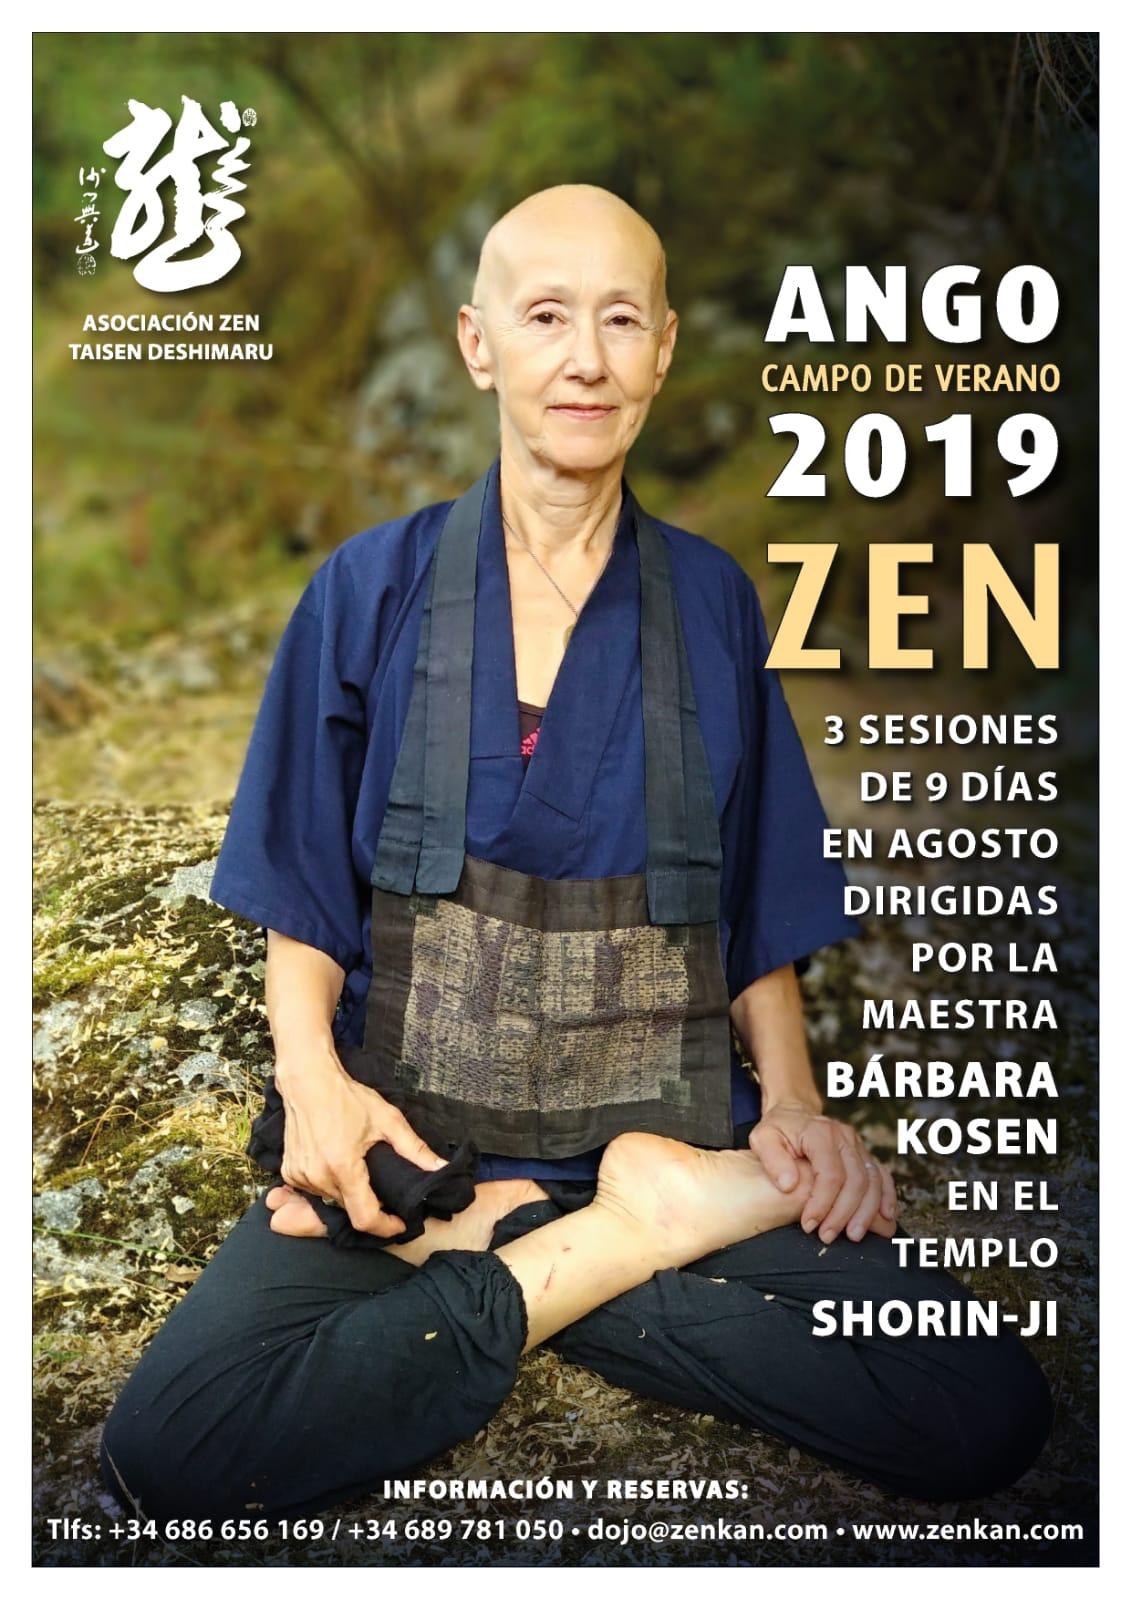 ANGO 2019